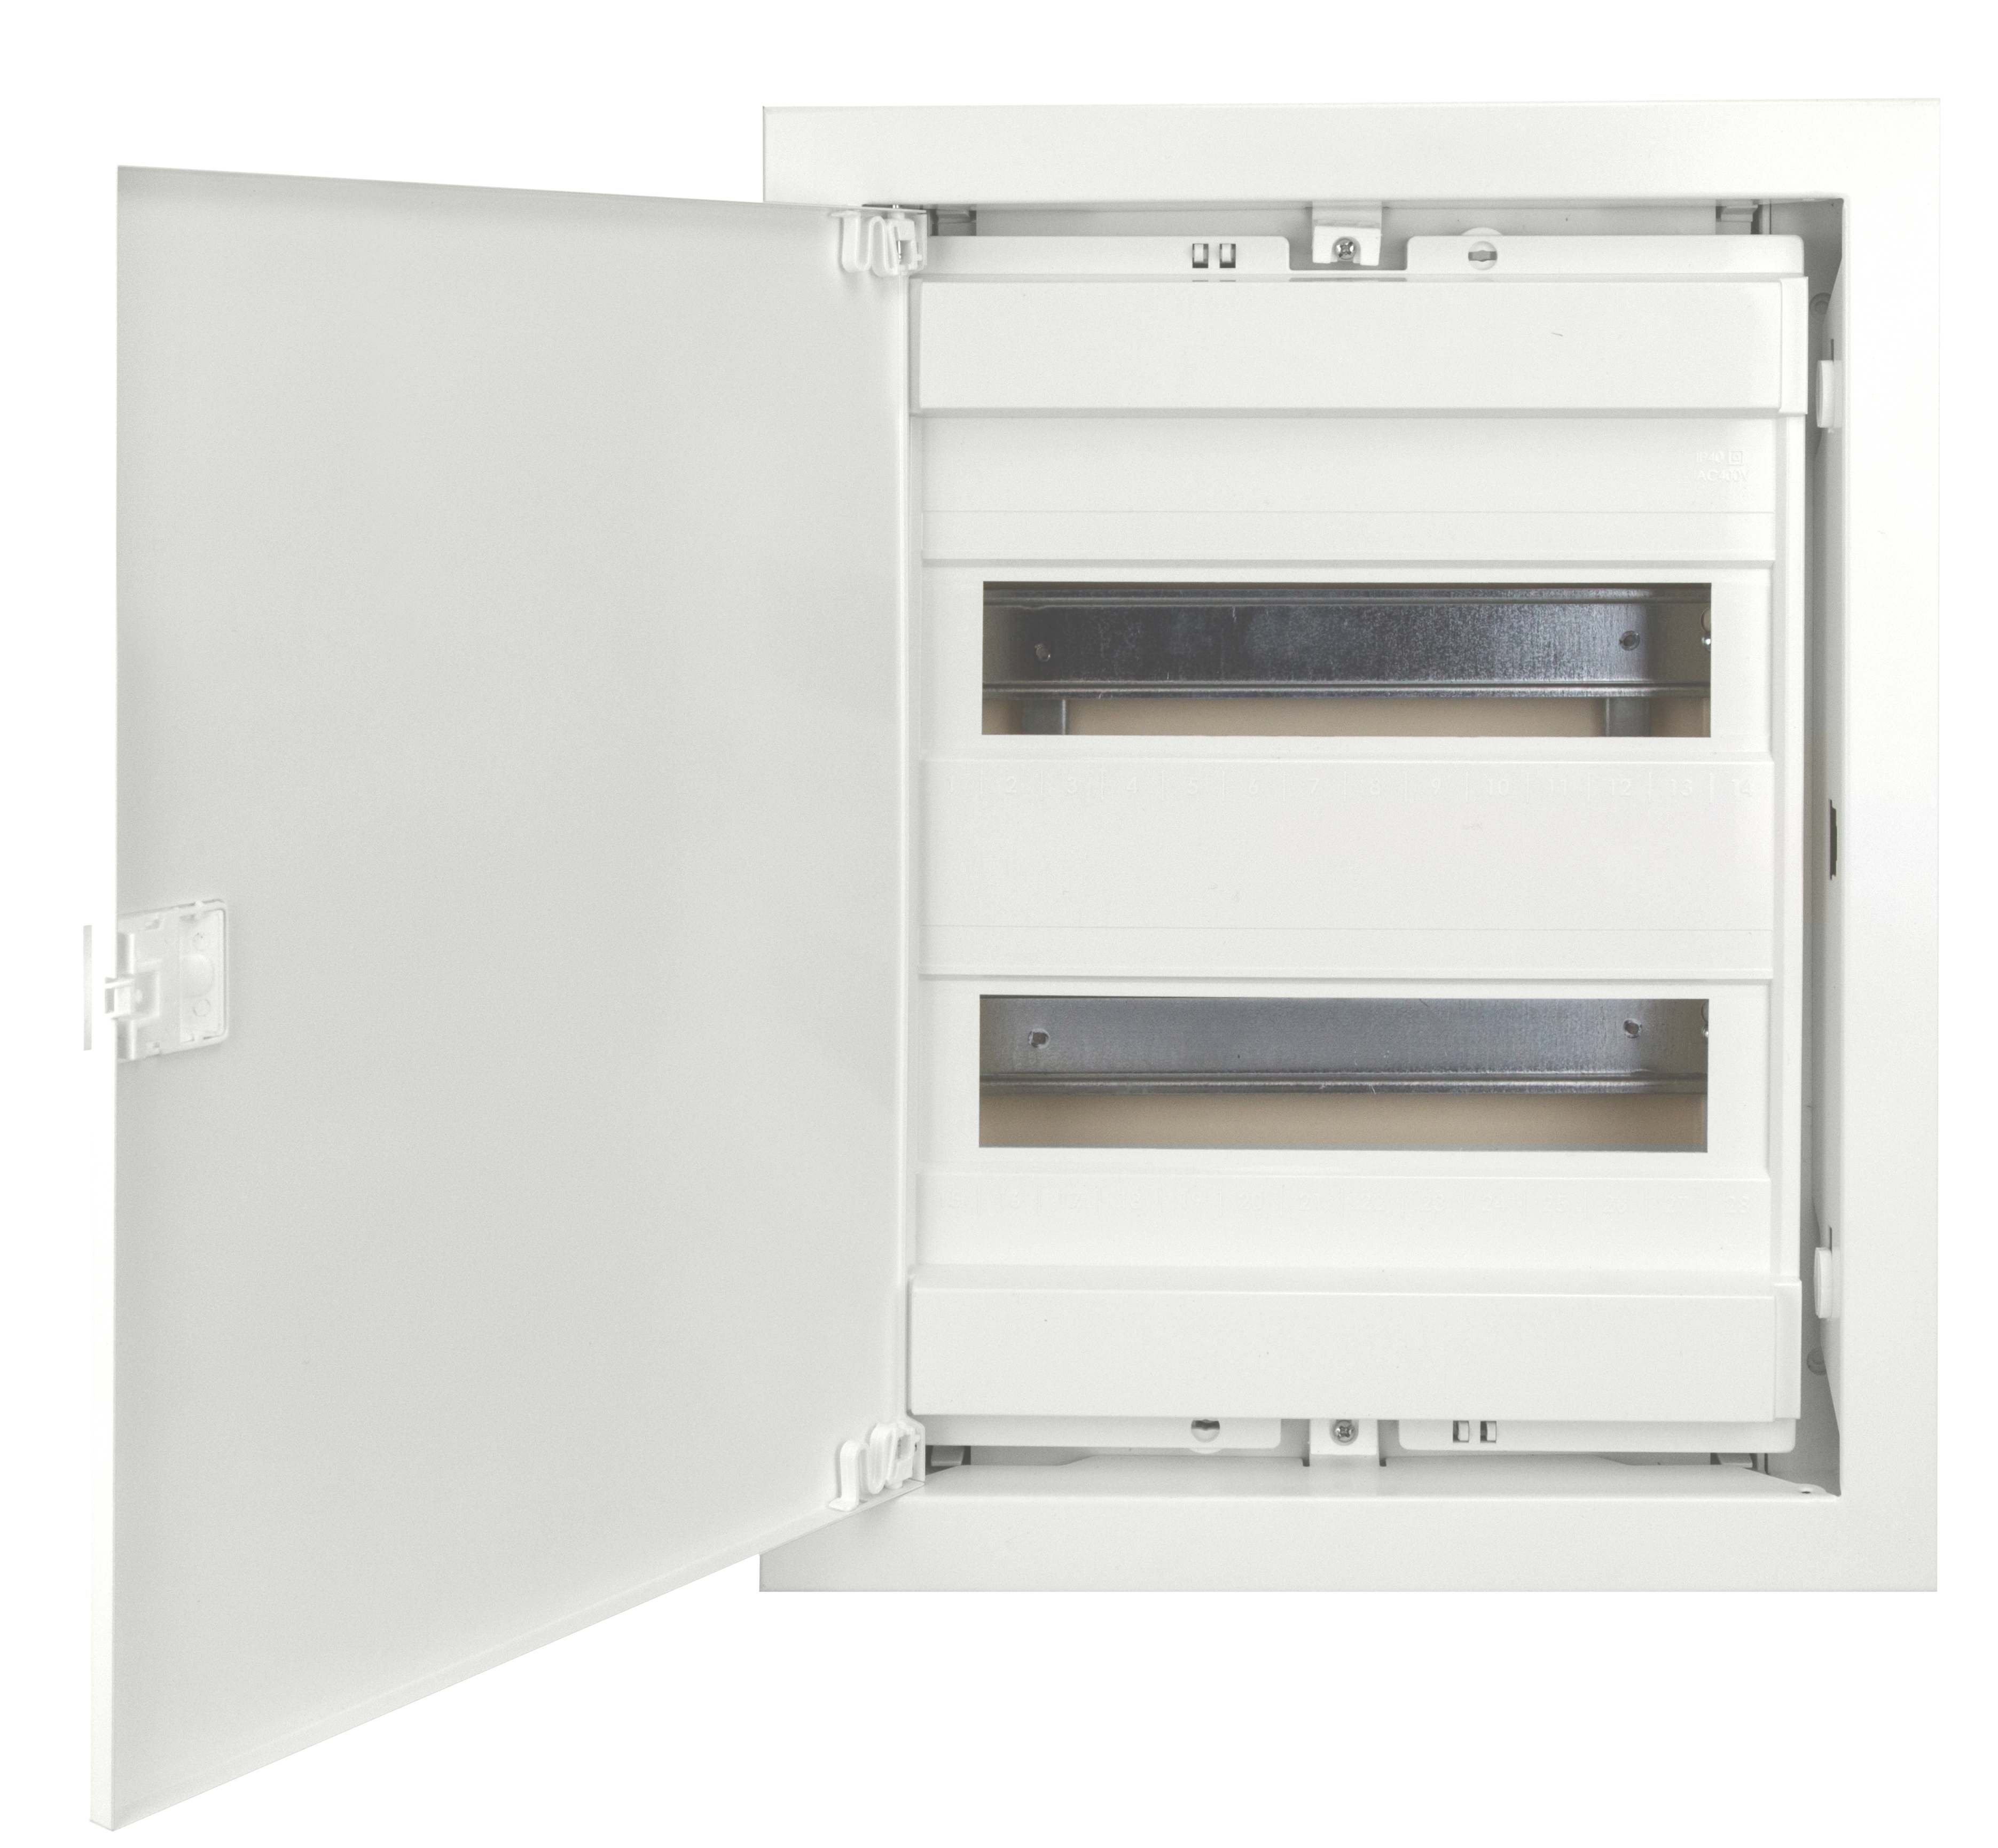 1 Stk UP-Wohnungsverteiler weiss, 2-reihig für Mauerwerk BK0850022-